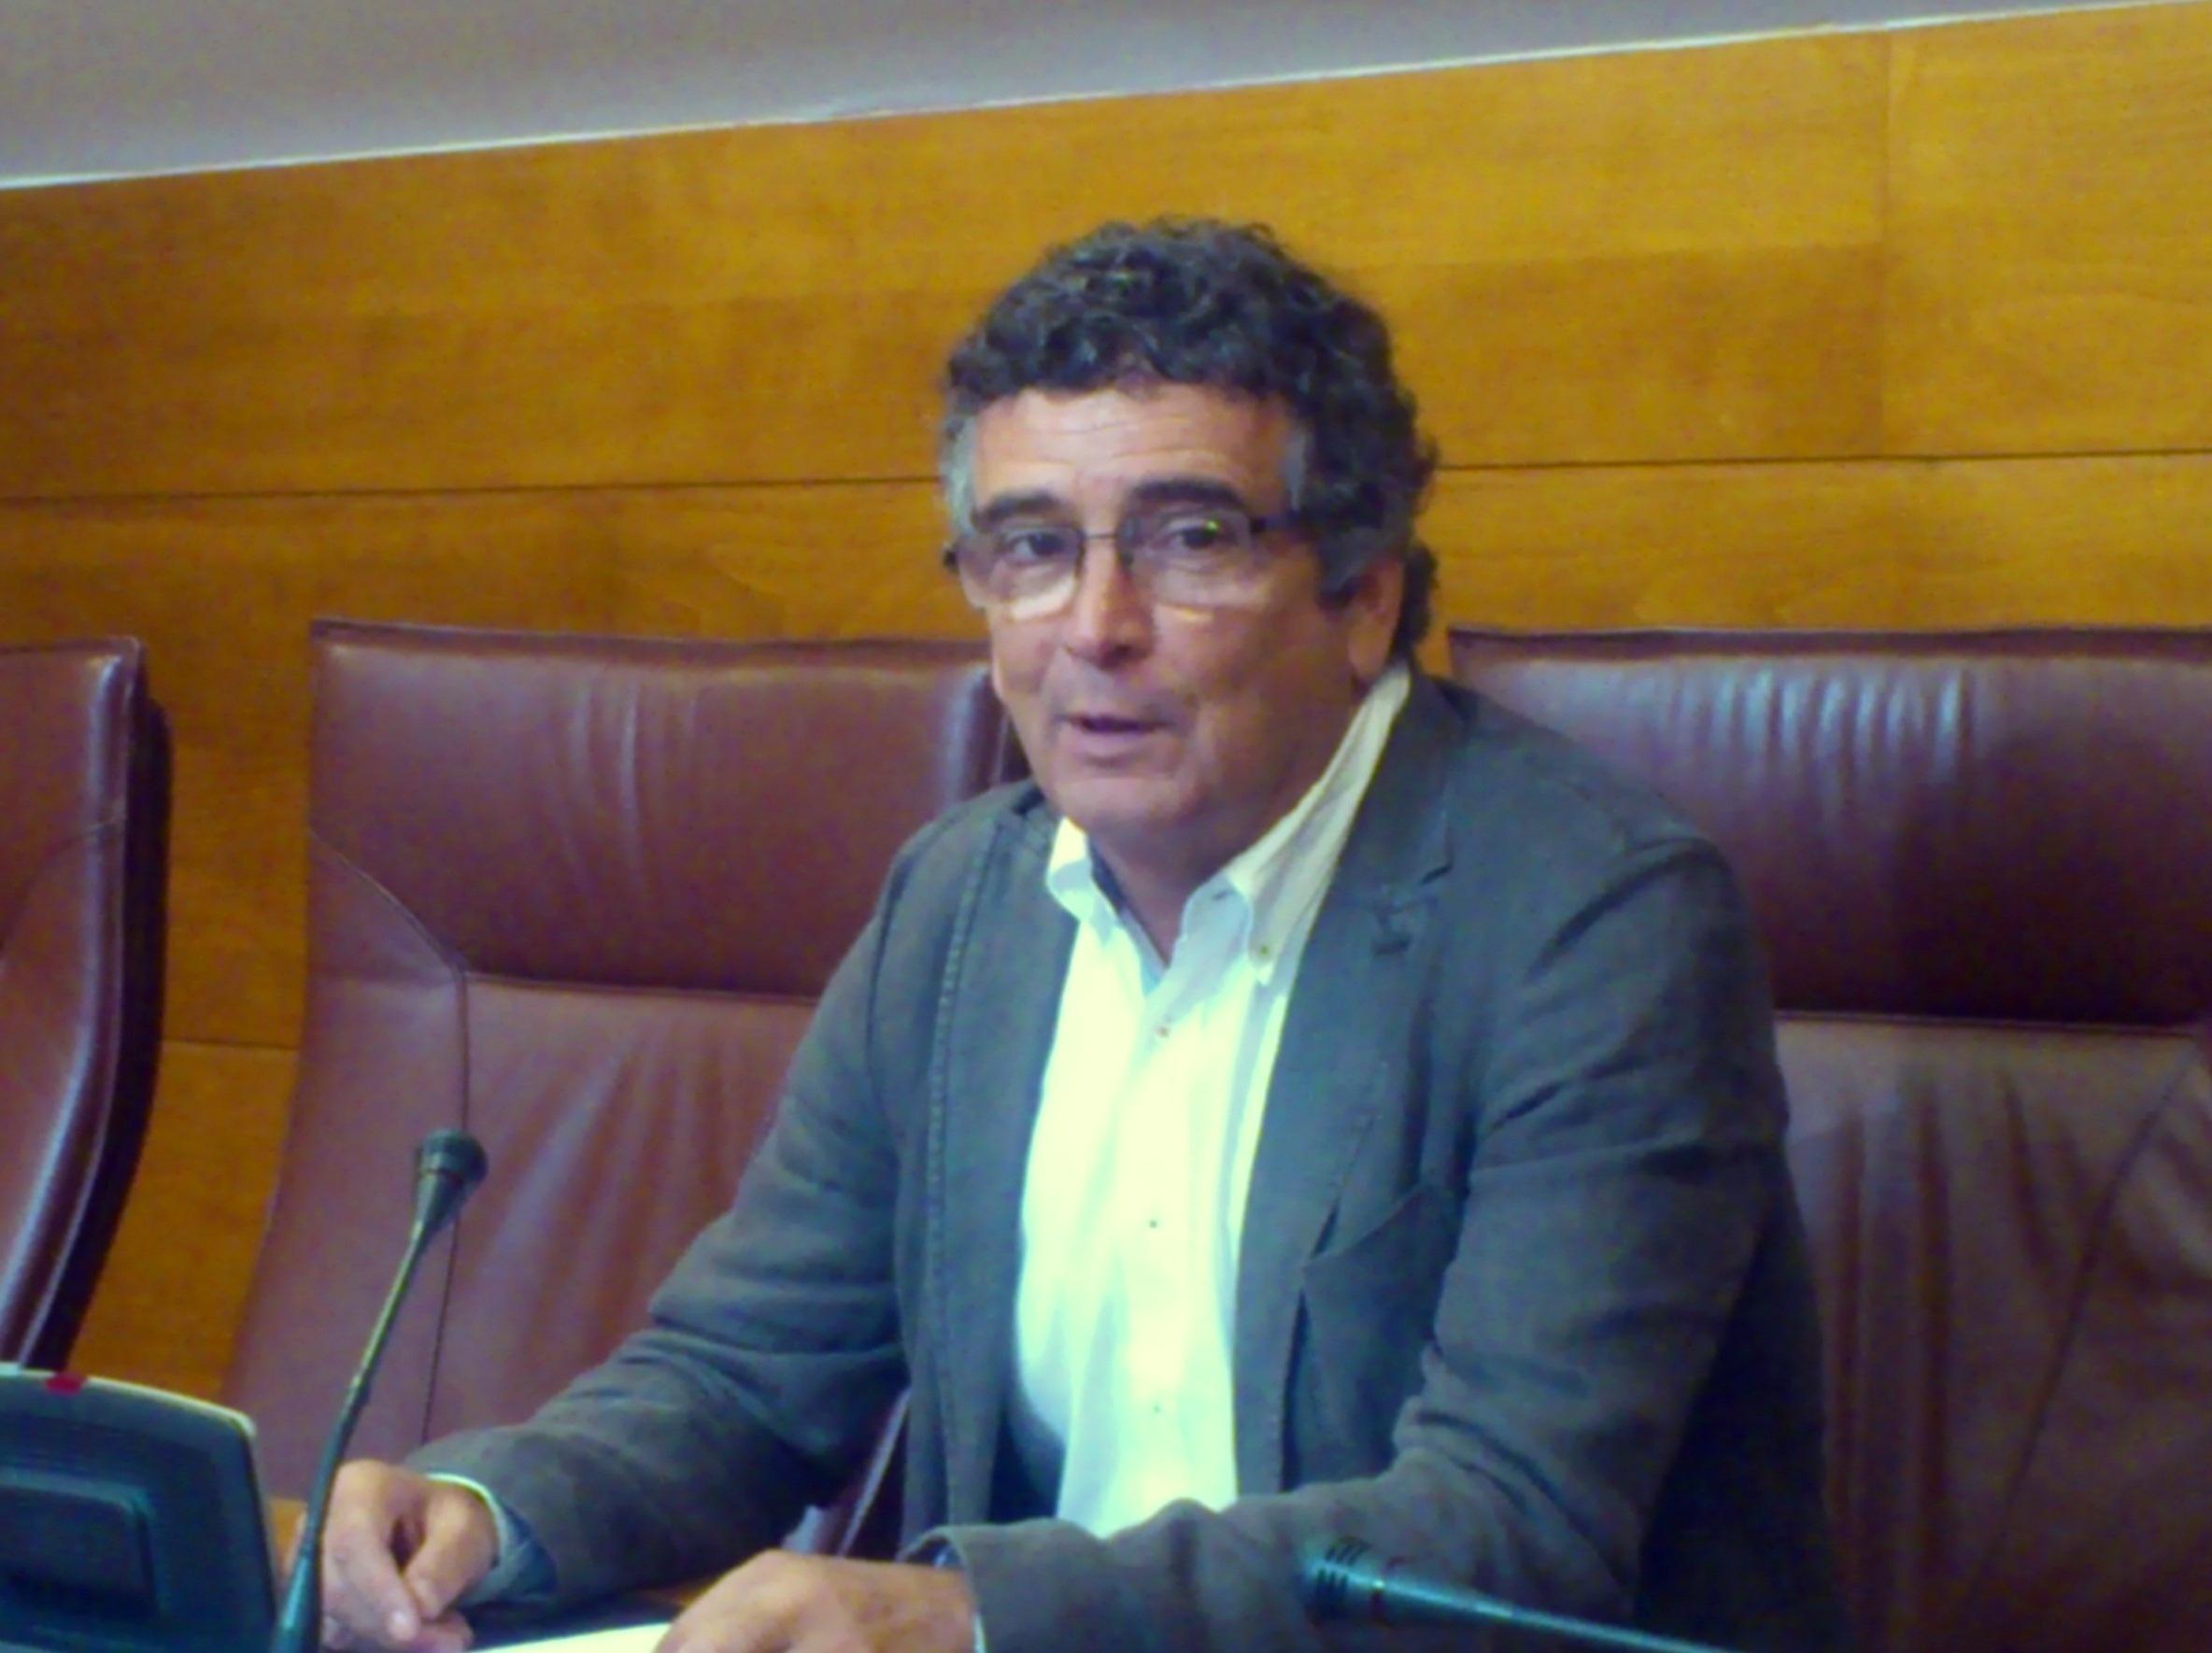 El PSOE advierte del «deterioro general» del tejido empresarial e industrial por la «parálisis» del Gobierno